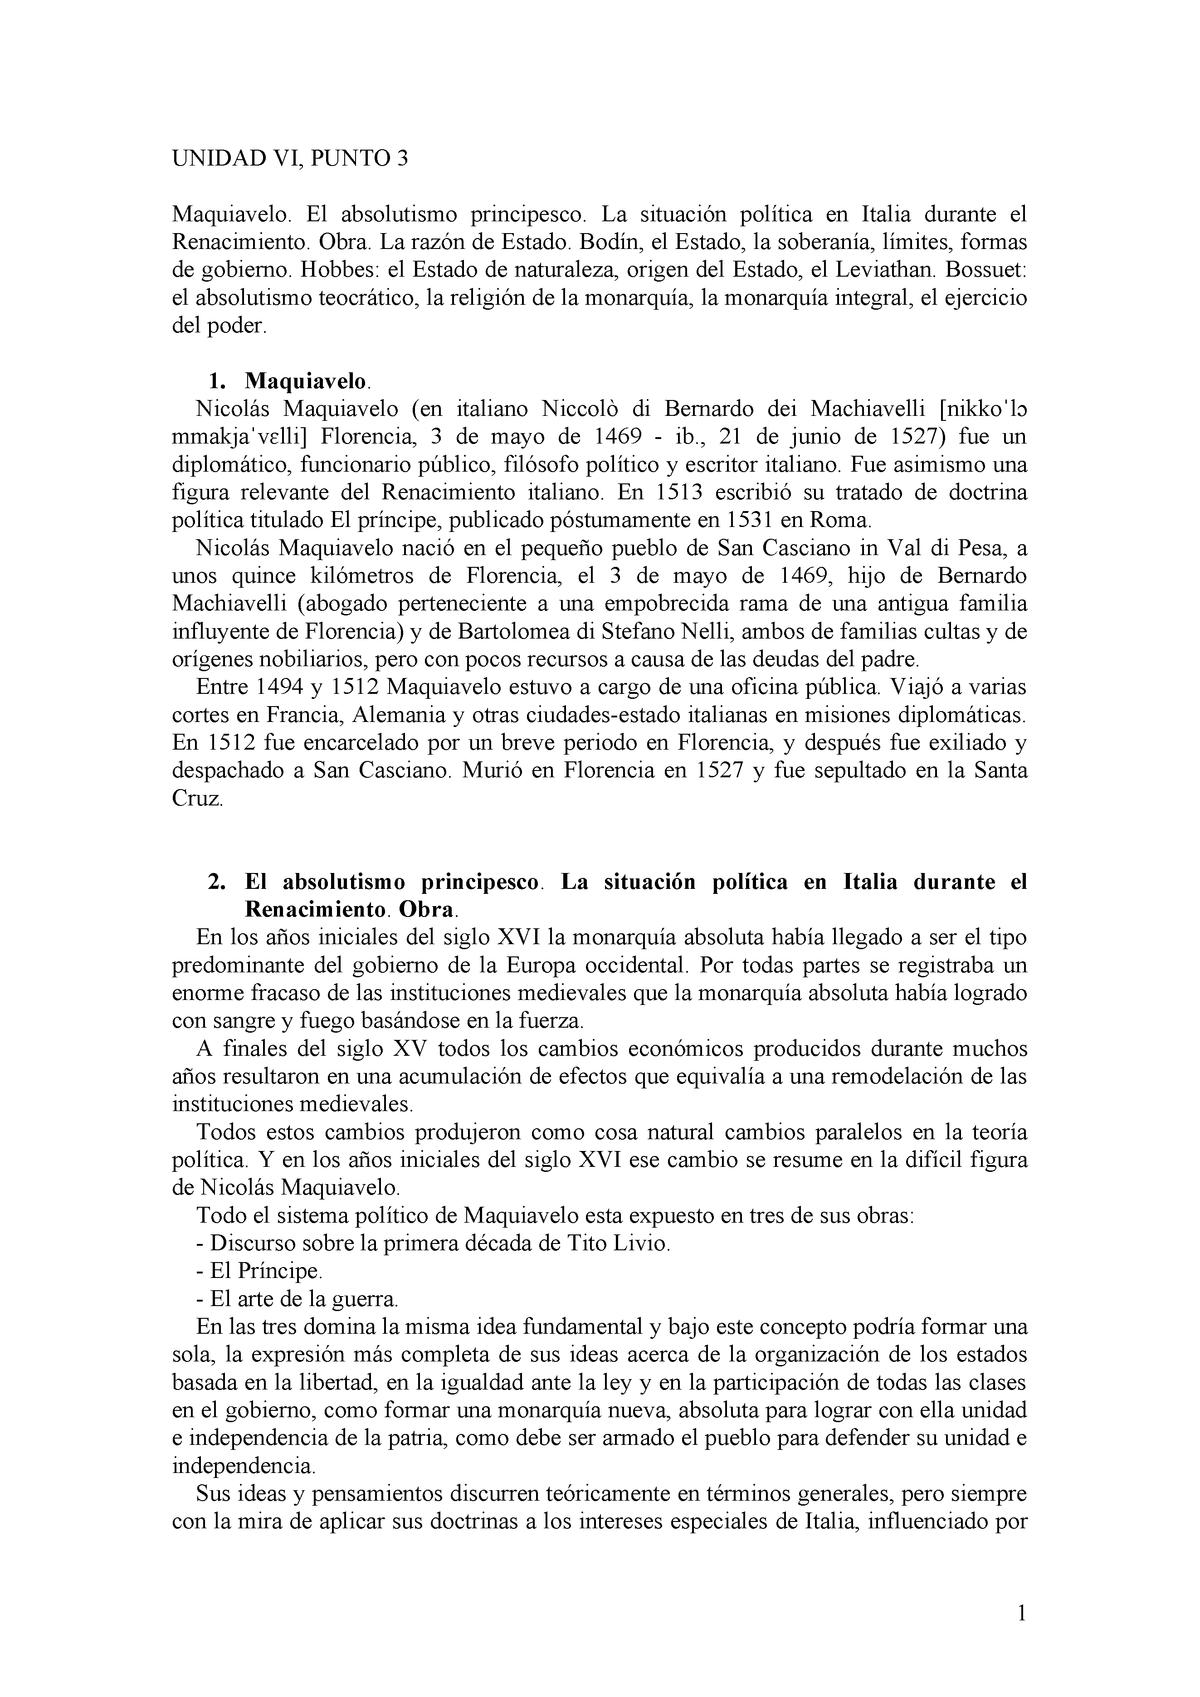 Unidad VI Punto 3 - Resumen Derecho Politico - 0510 - StuDocu